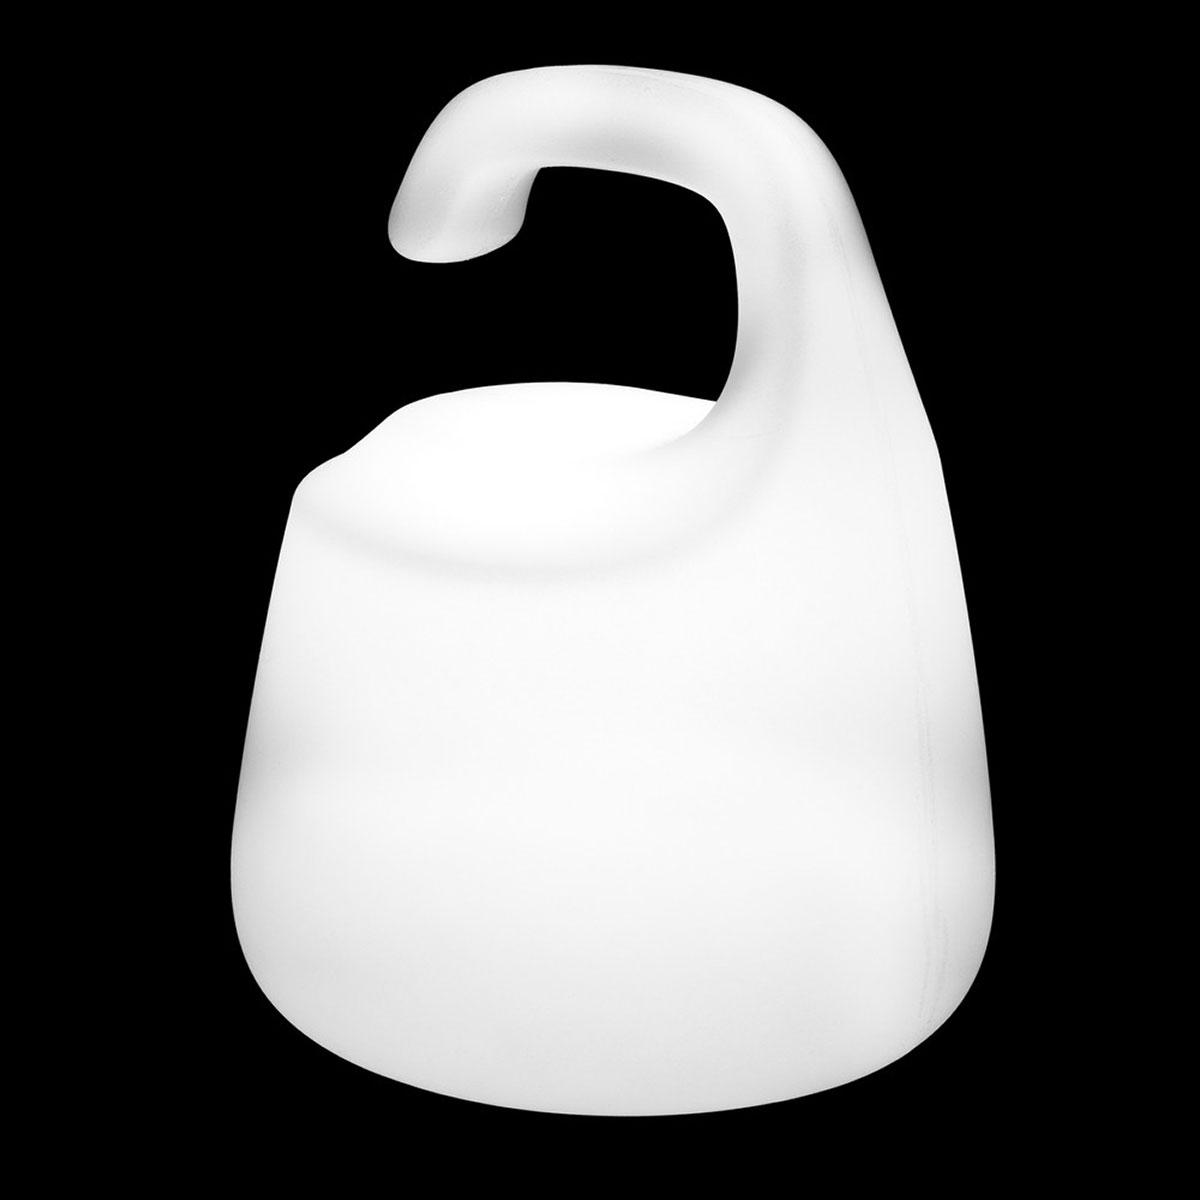 Lampe de table design à led et à poser - Blanc - 20.00 cm x 20.00 cm x 25.00 cm